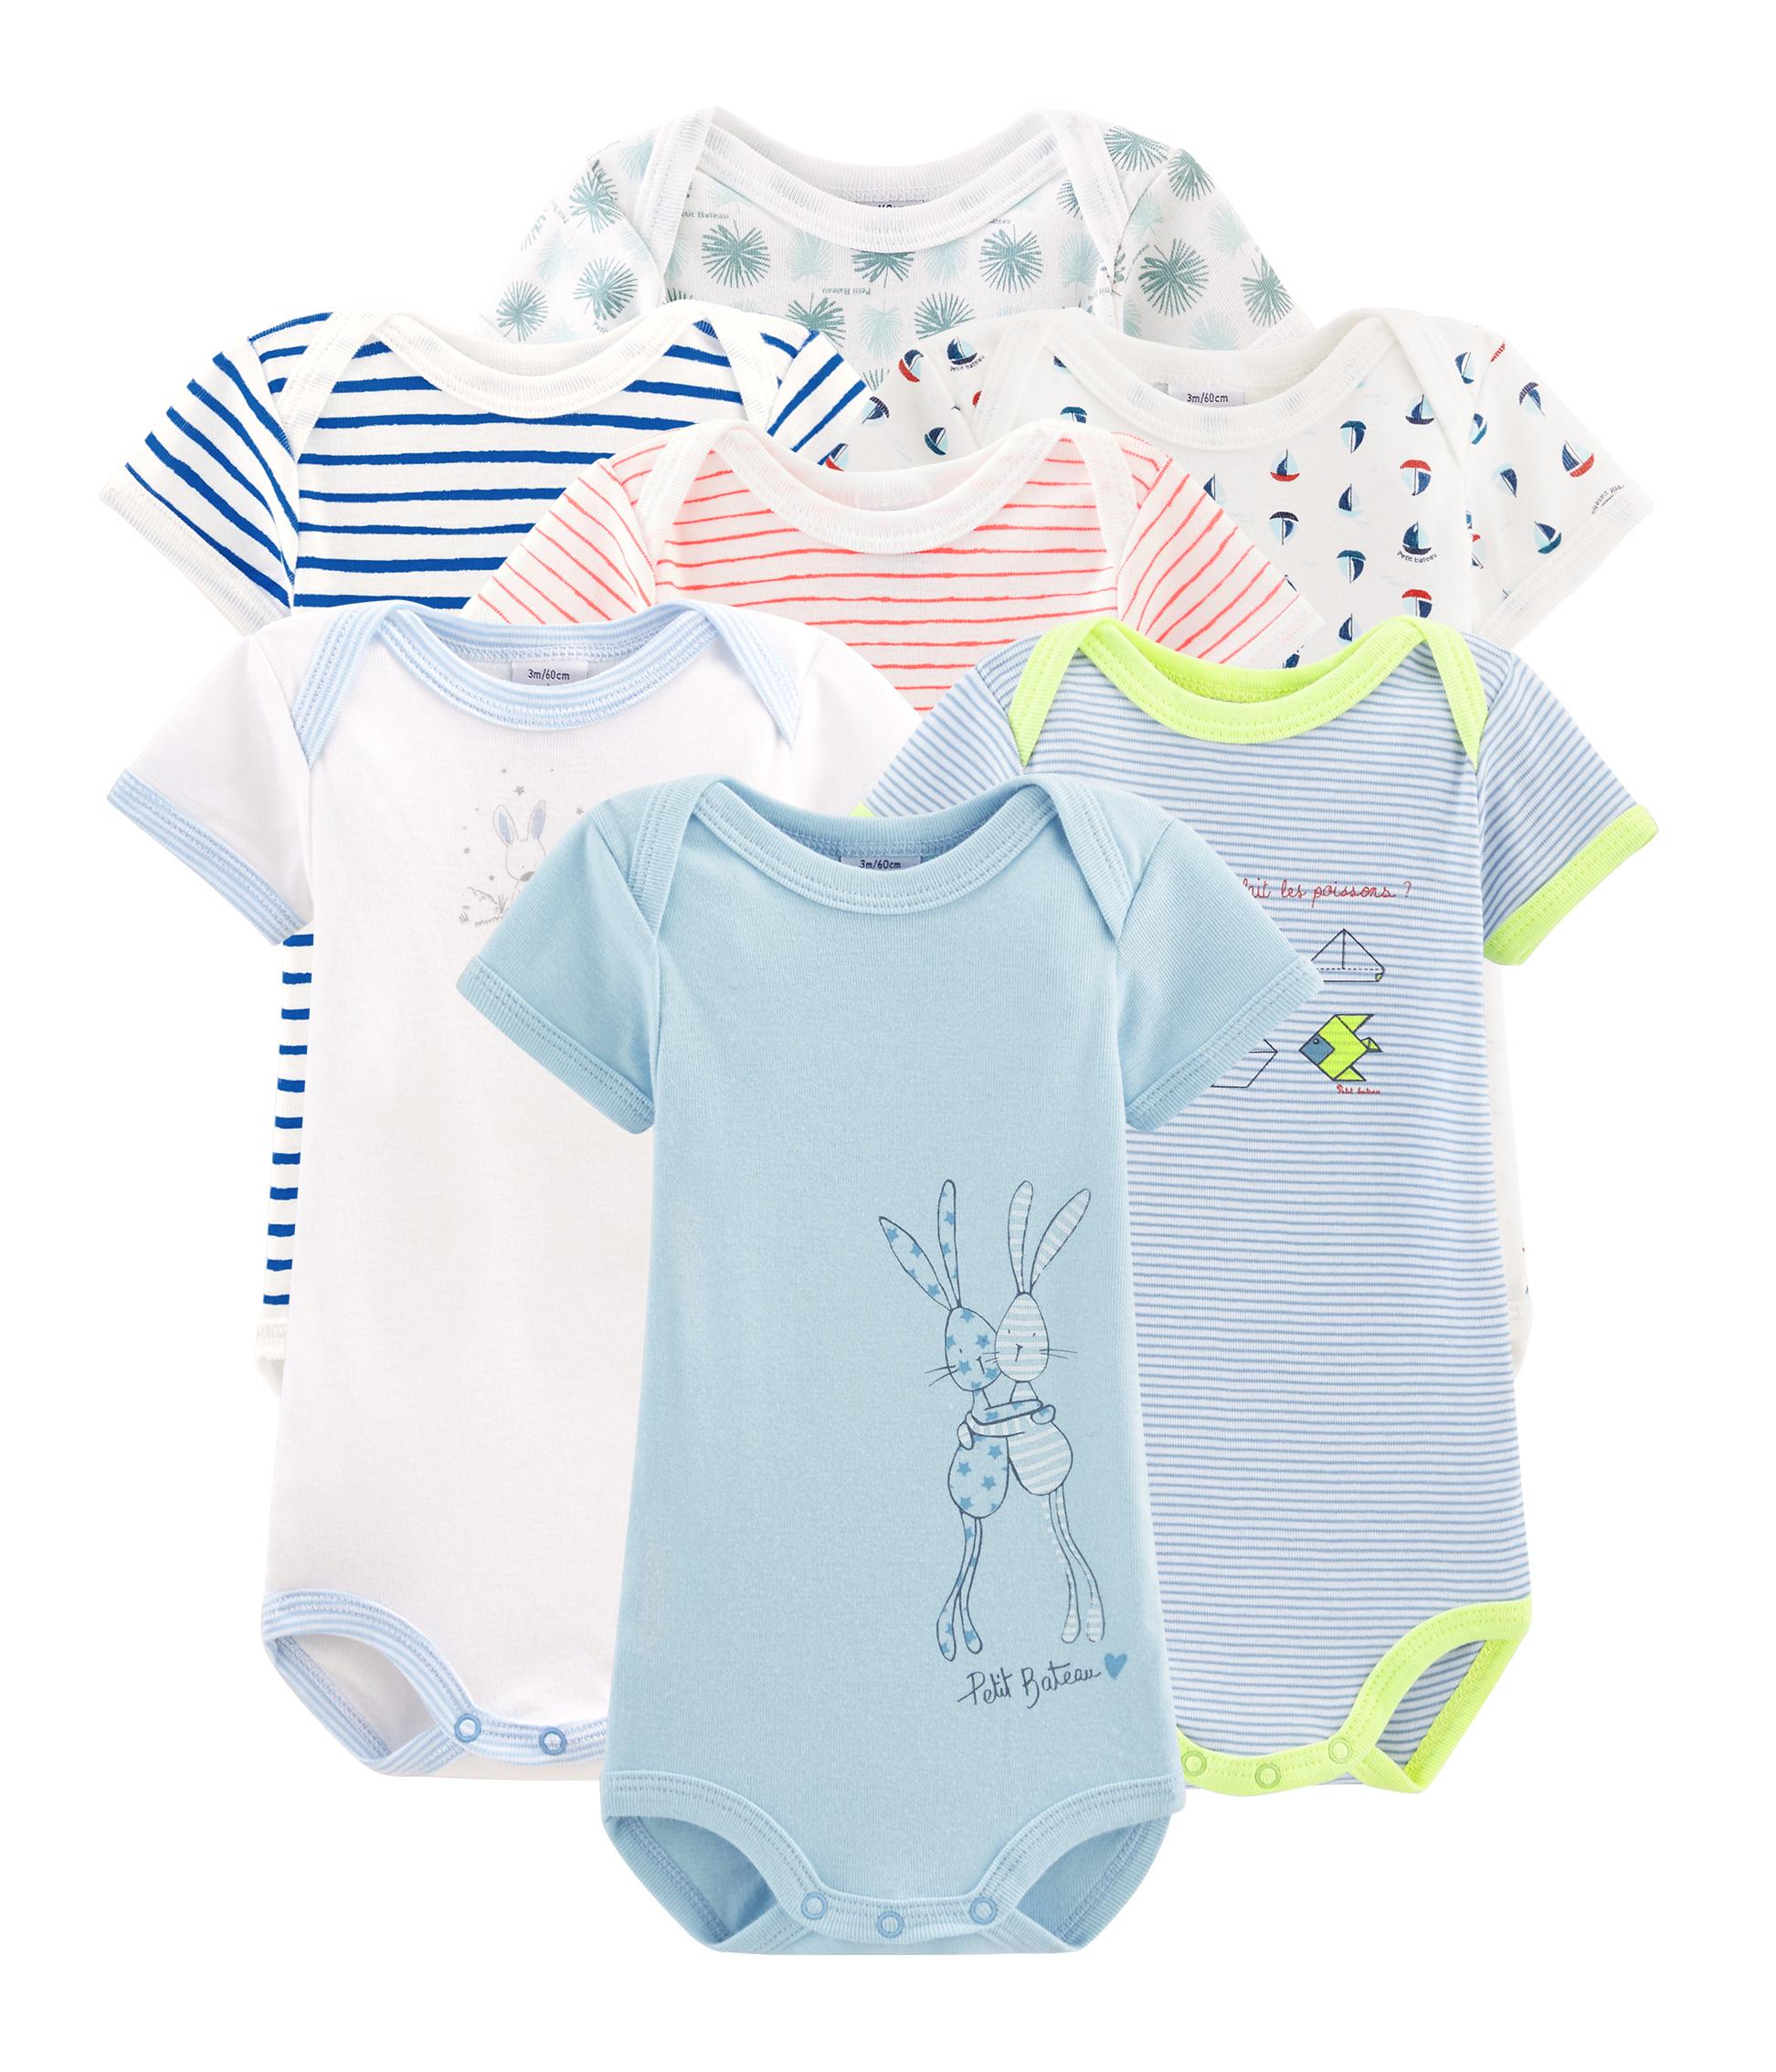 Überraschungsbeutel mit 7 kurzärmeligen baby-bodys für jungen